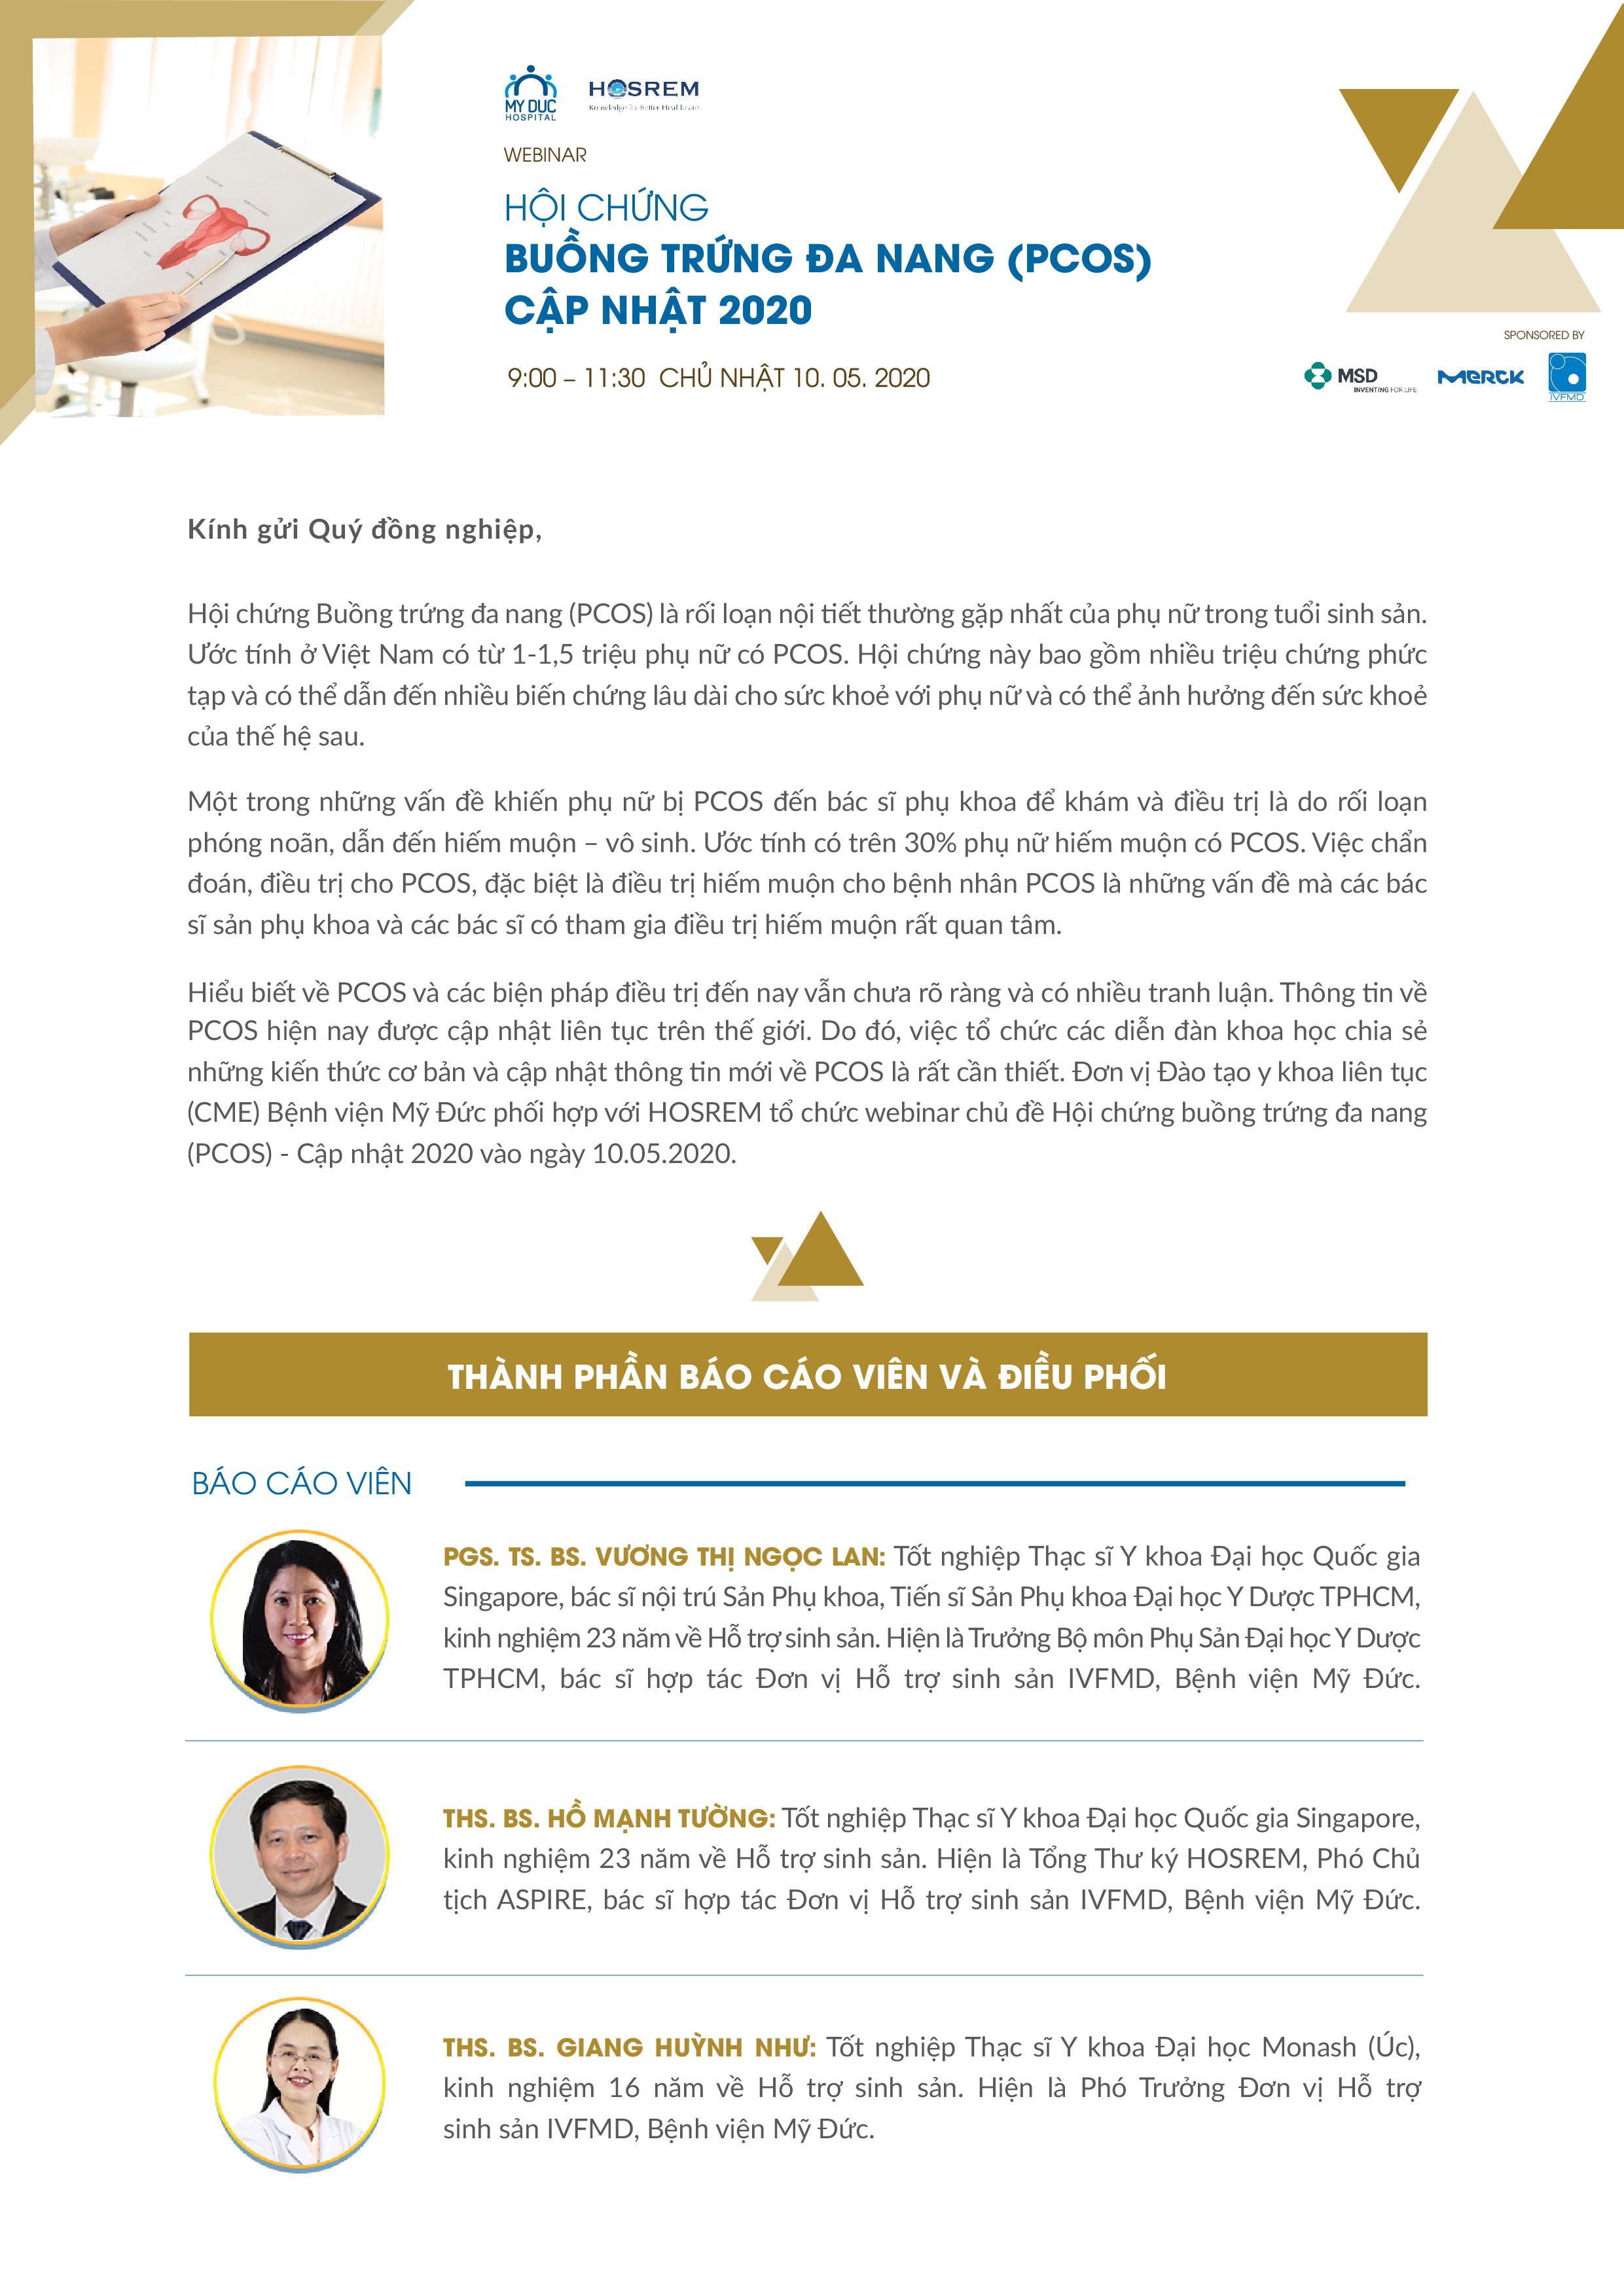 Webinar PCOS - Thông tin chương trình-01